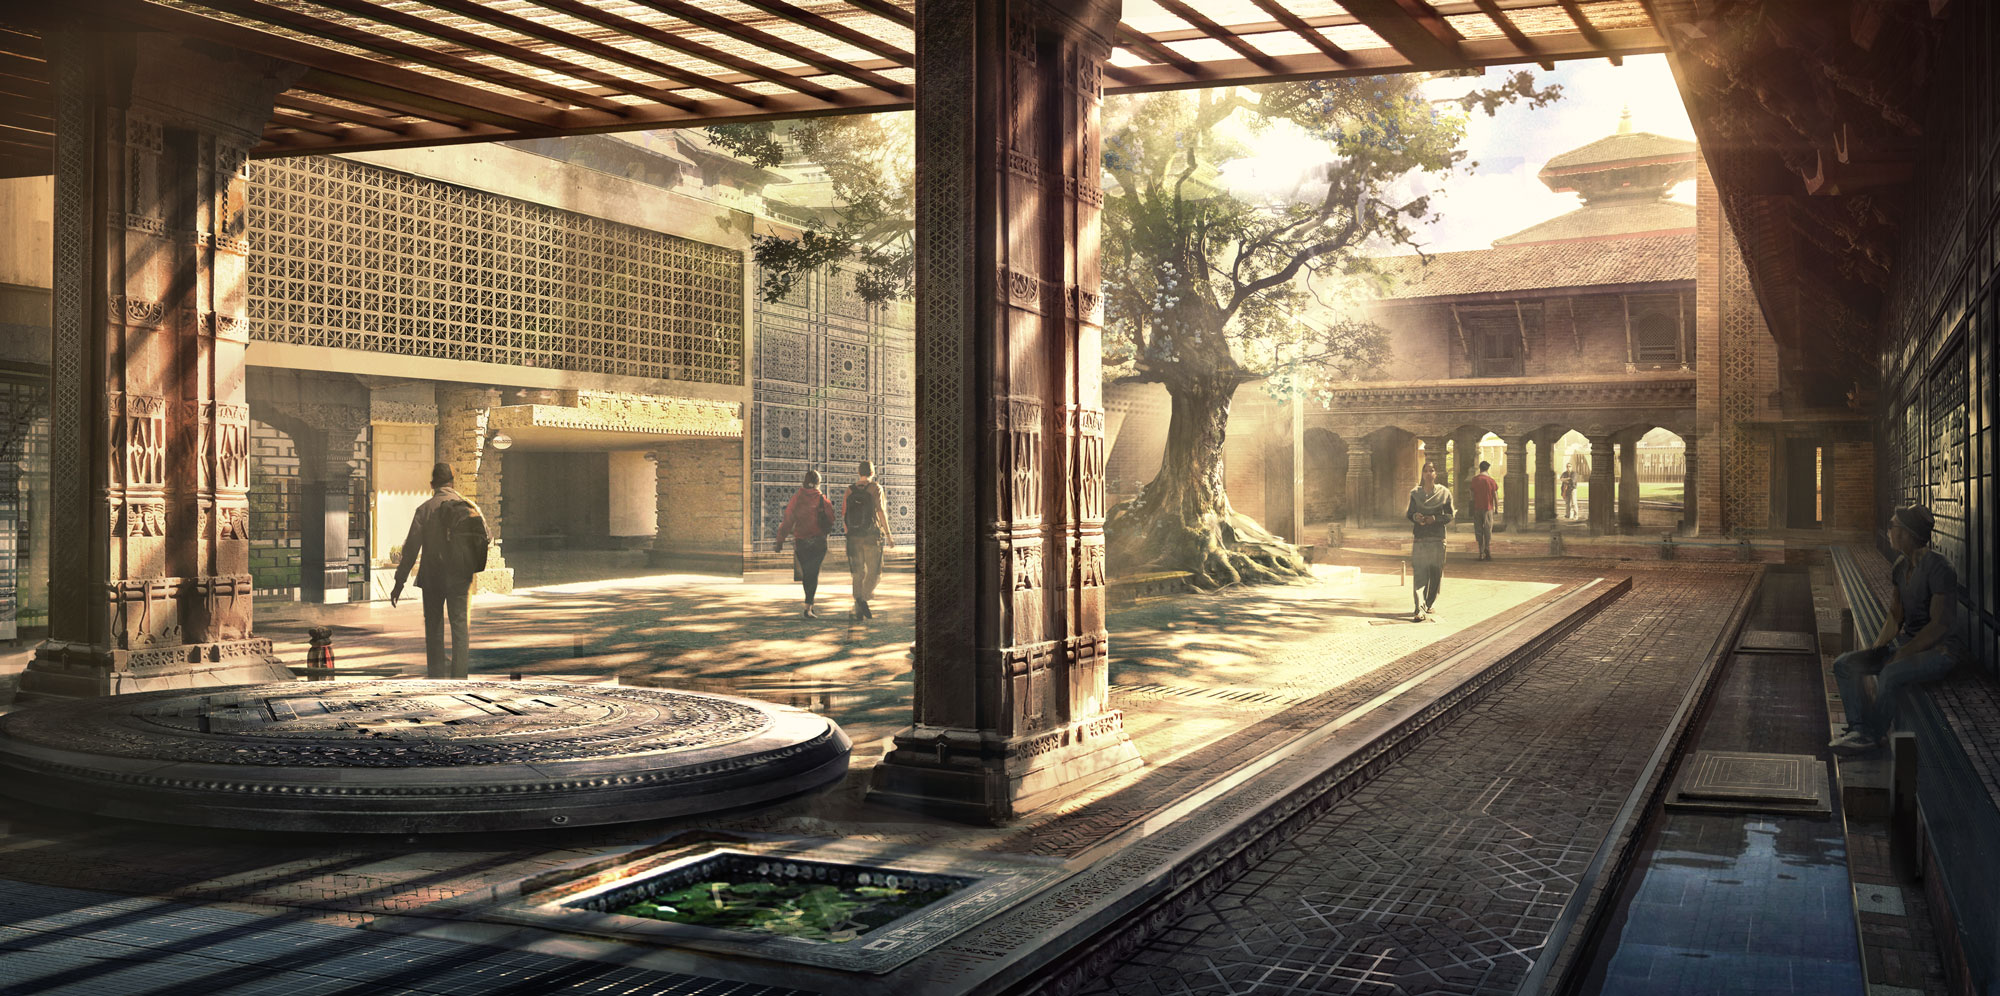 Kamar-Taj main courtyard